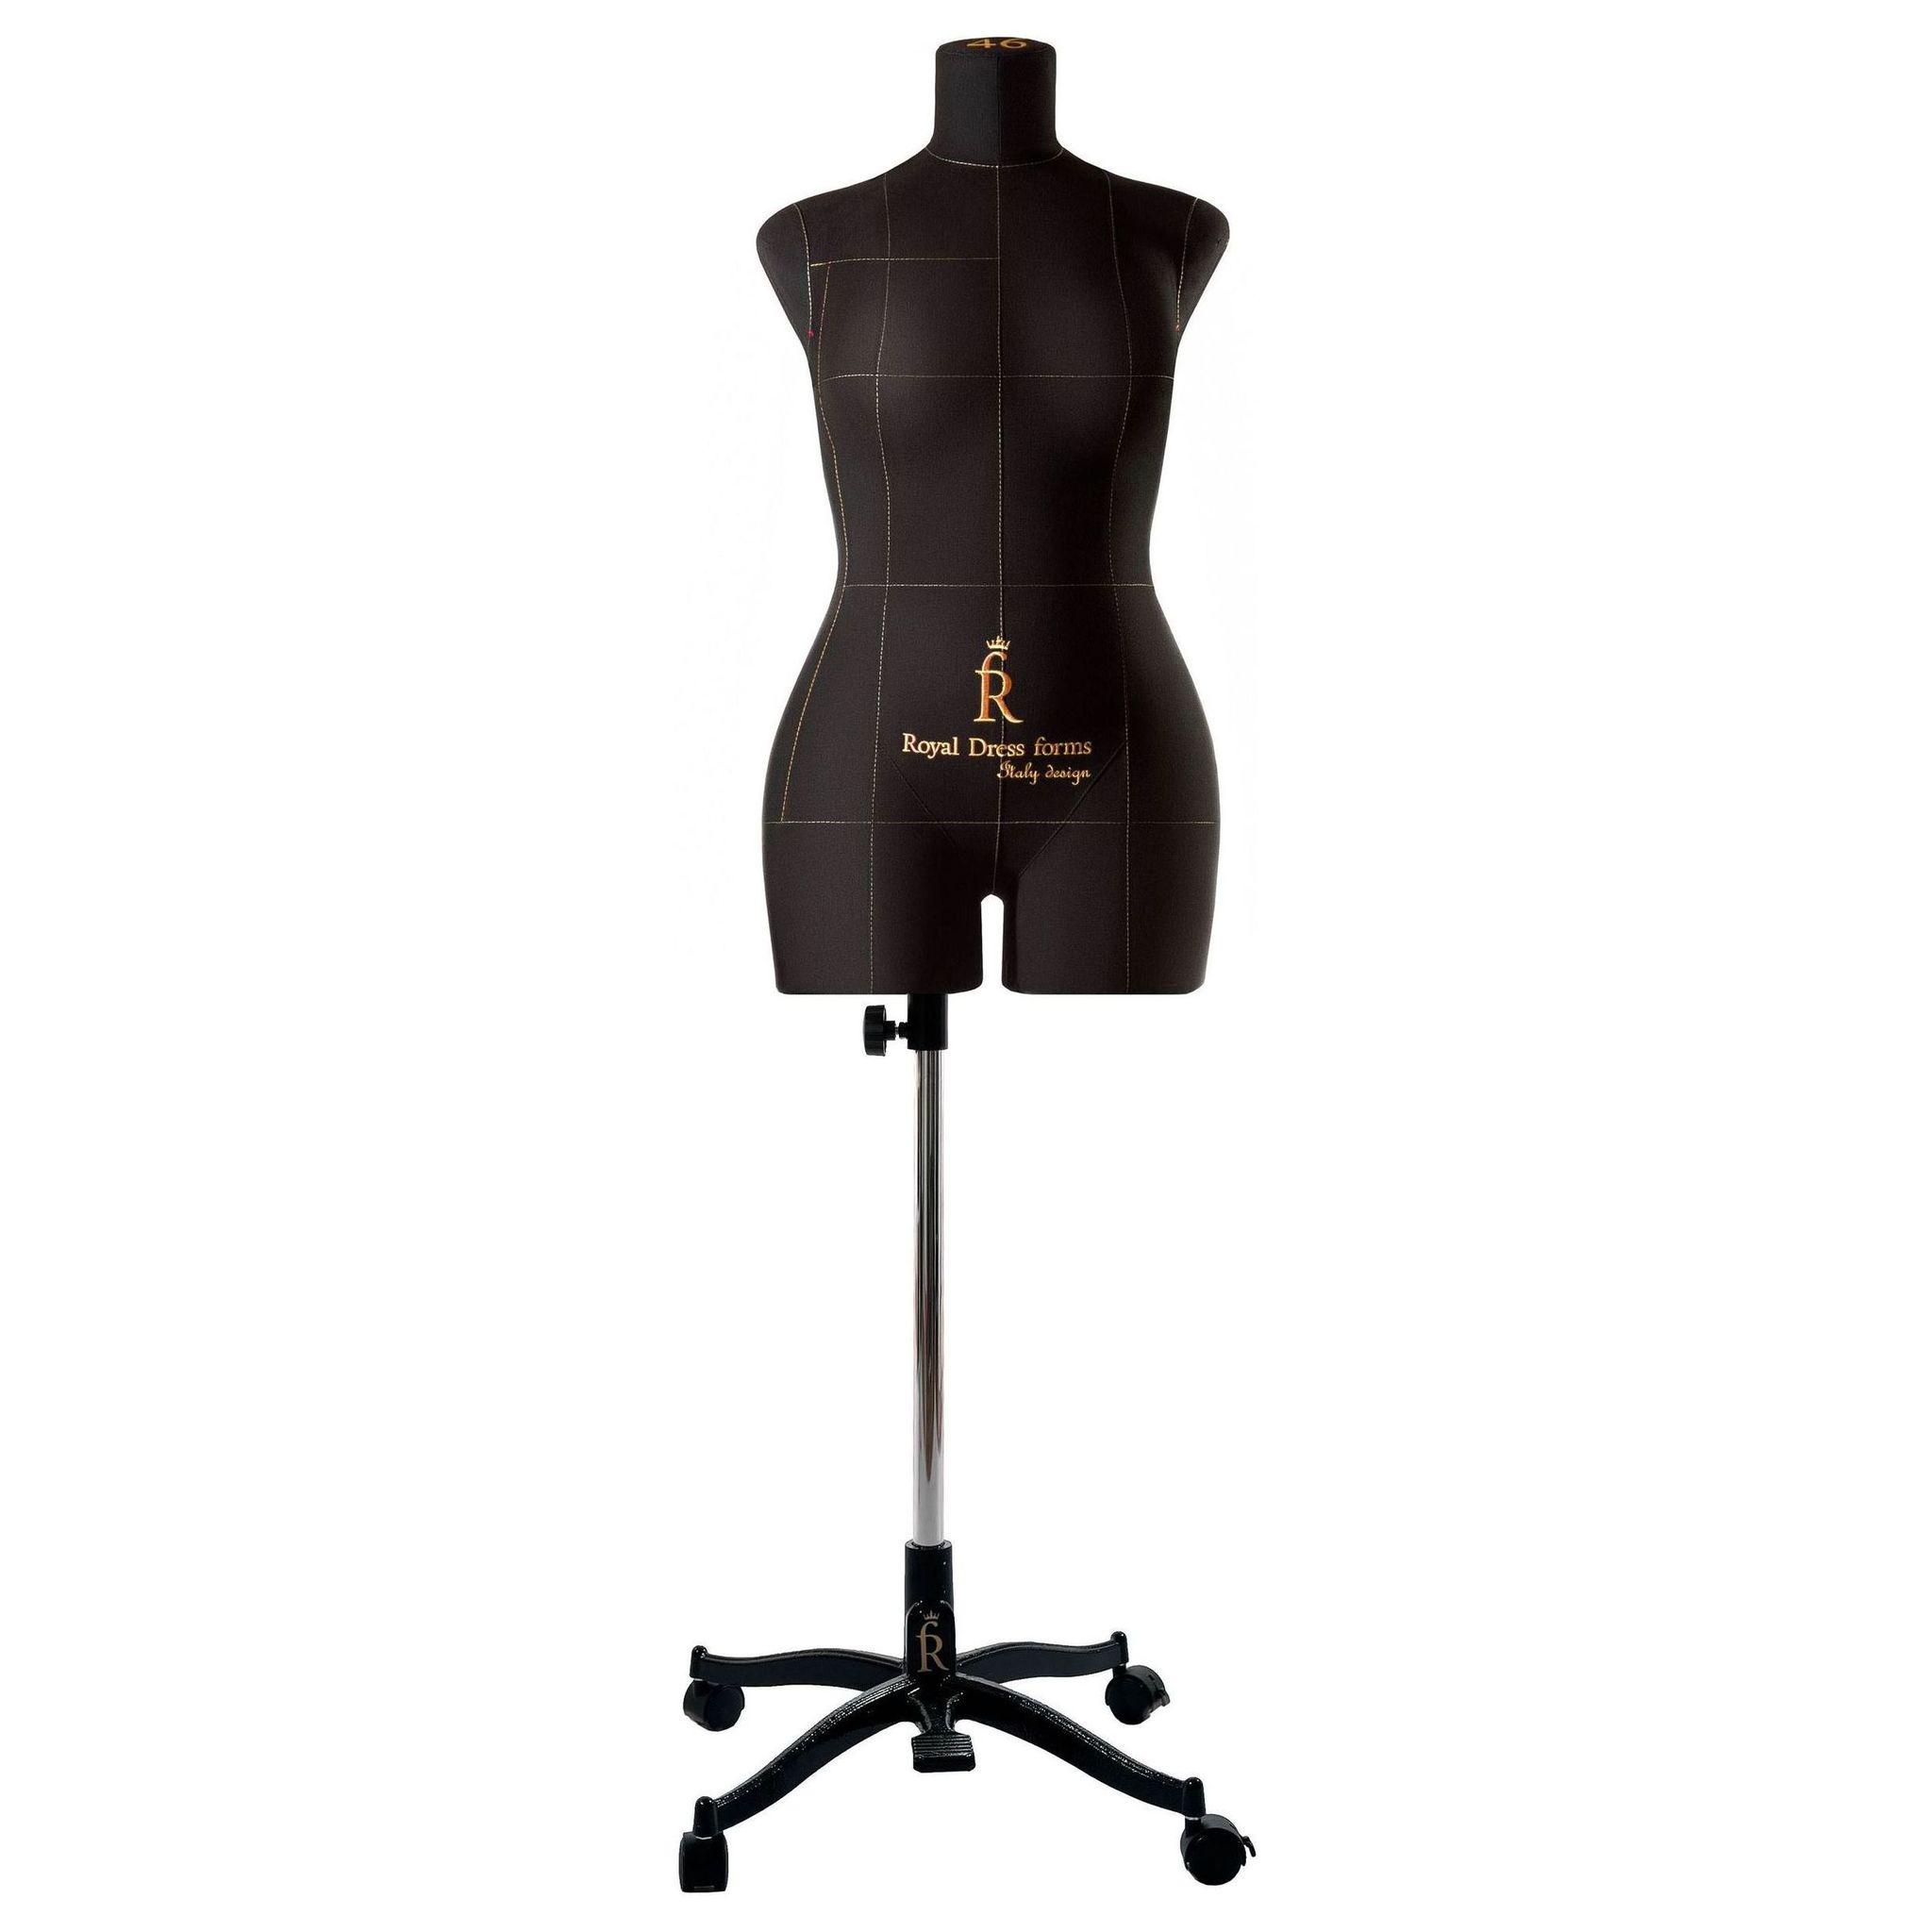 Манекен портновский Моника, комплект Премиум, размер 46, ЧерныйФото 3